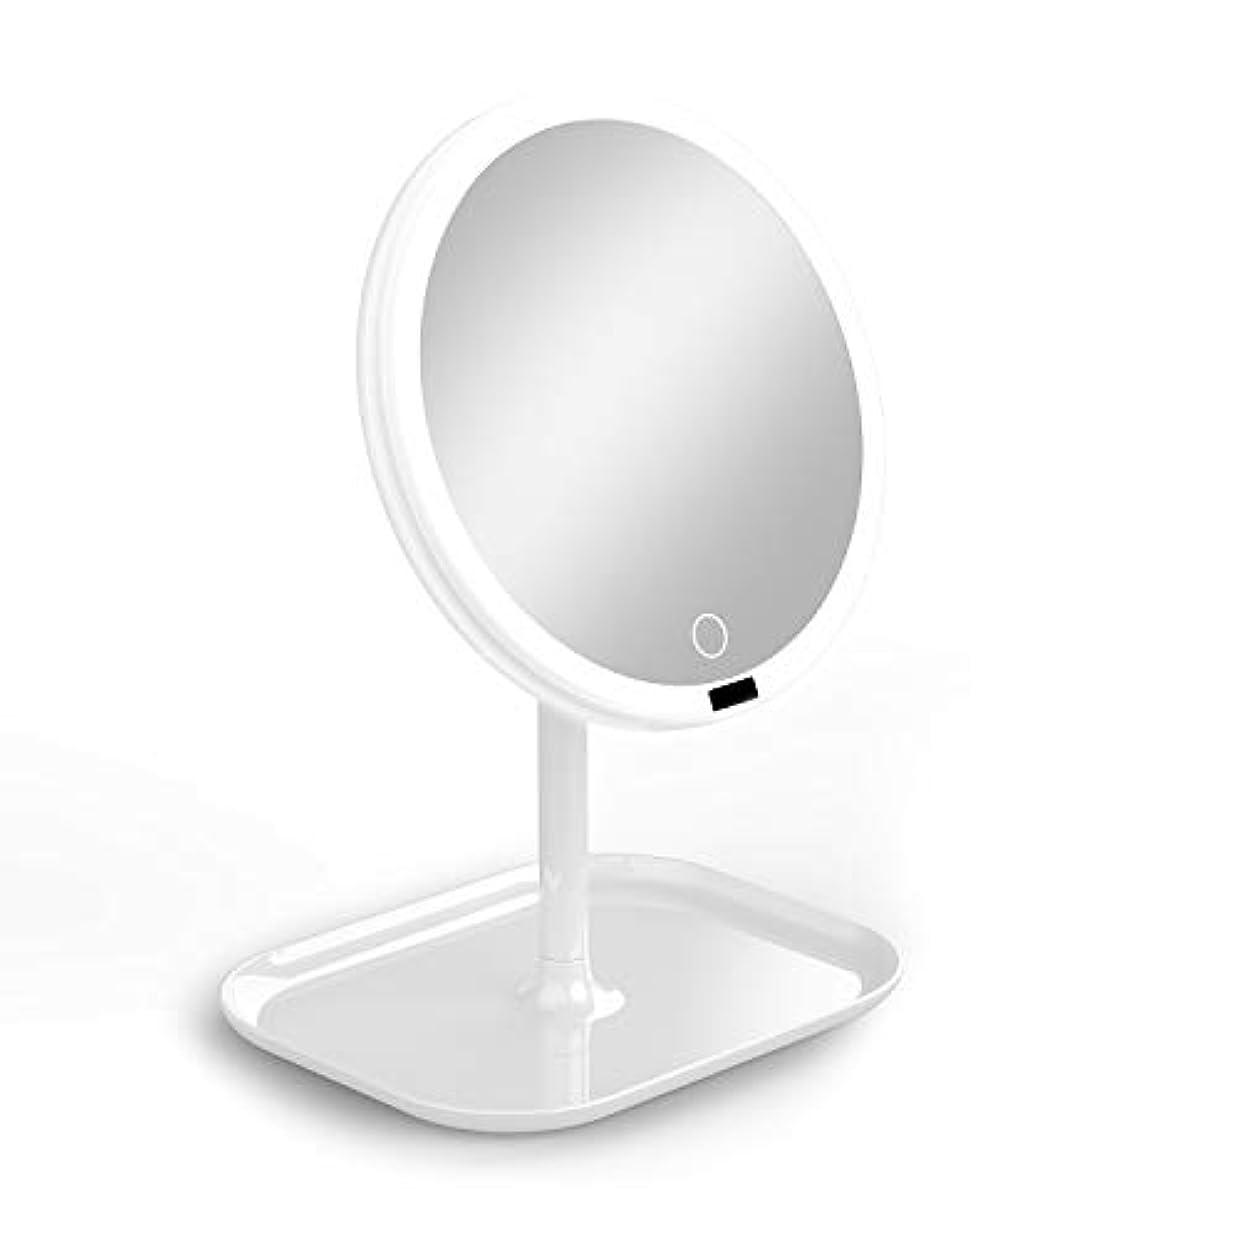 ハイキングに行く火薬定義La Farah 化粧鏡 化粧ミラー LEDライト付き 卓上鏡 女優ミラー 3段階明るさ調節可能 180度回転 コードレス 充電式 円型